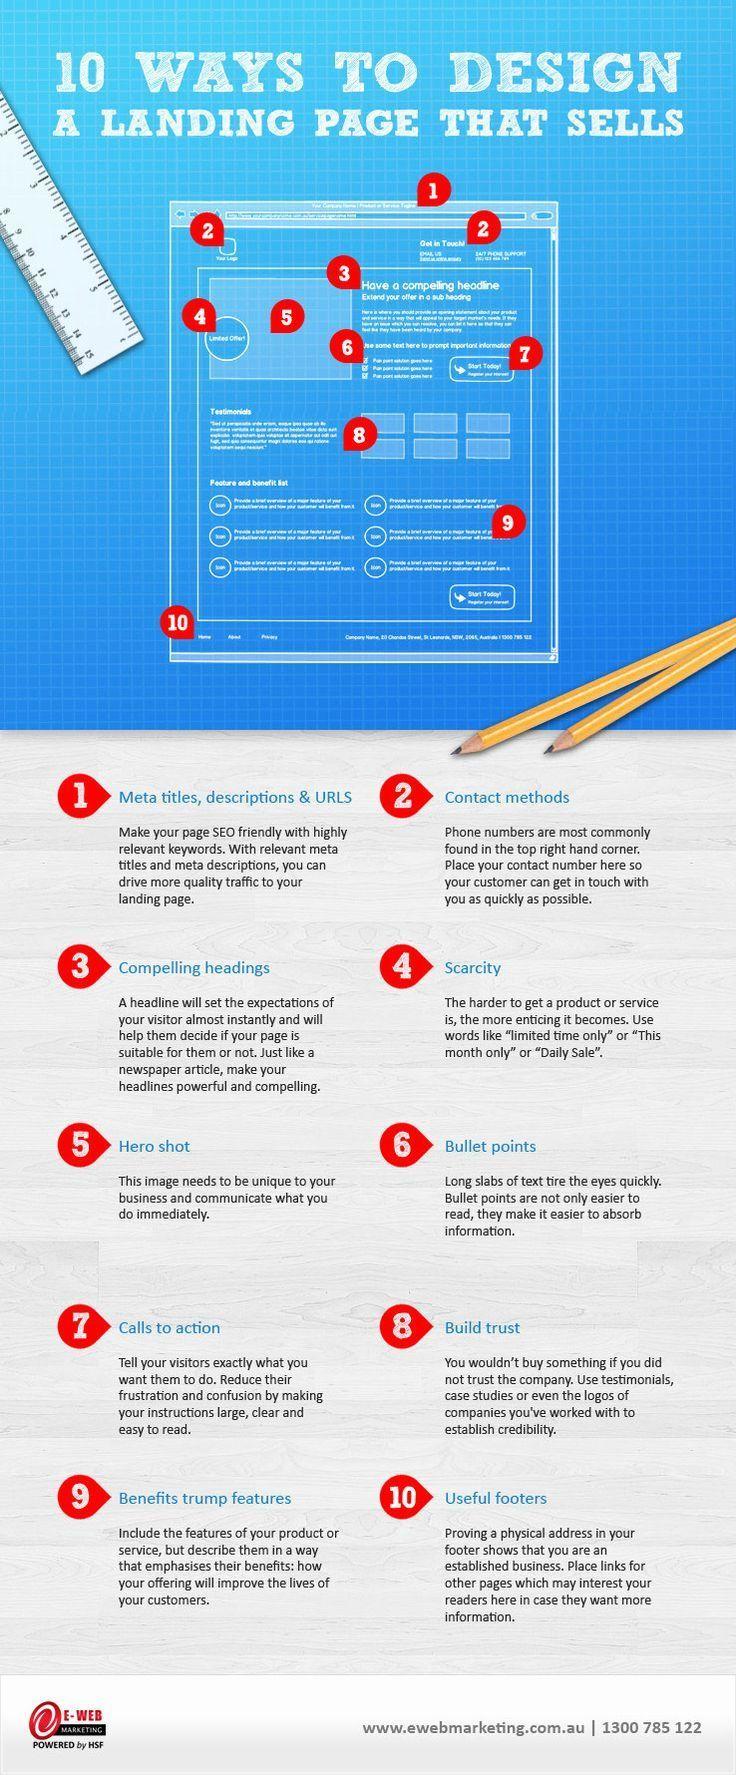 Mira estos 10 Tips para crear una landing page que venda! Mientras mejor sea tu landing, mejor serán tus ventas.. Si quieres ver más tips de e-Commerce síguenos en nuestra web |2b eCommerce l The key to online branding and sales success!